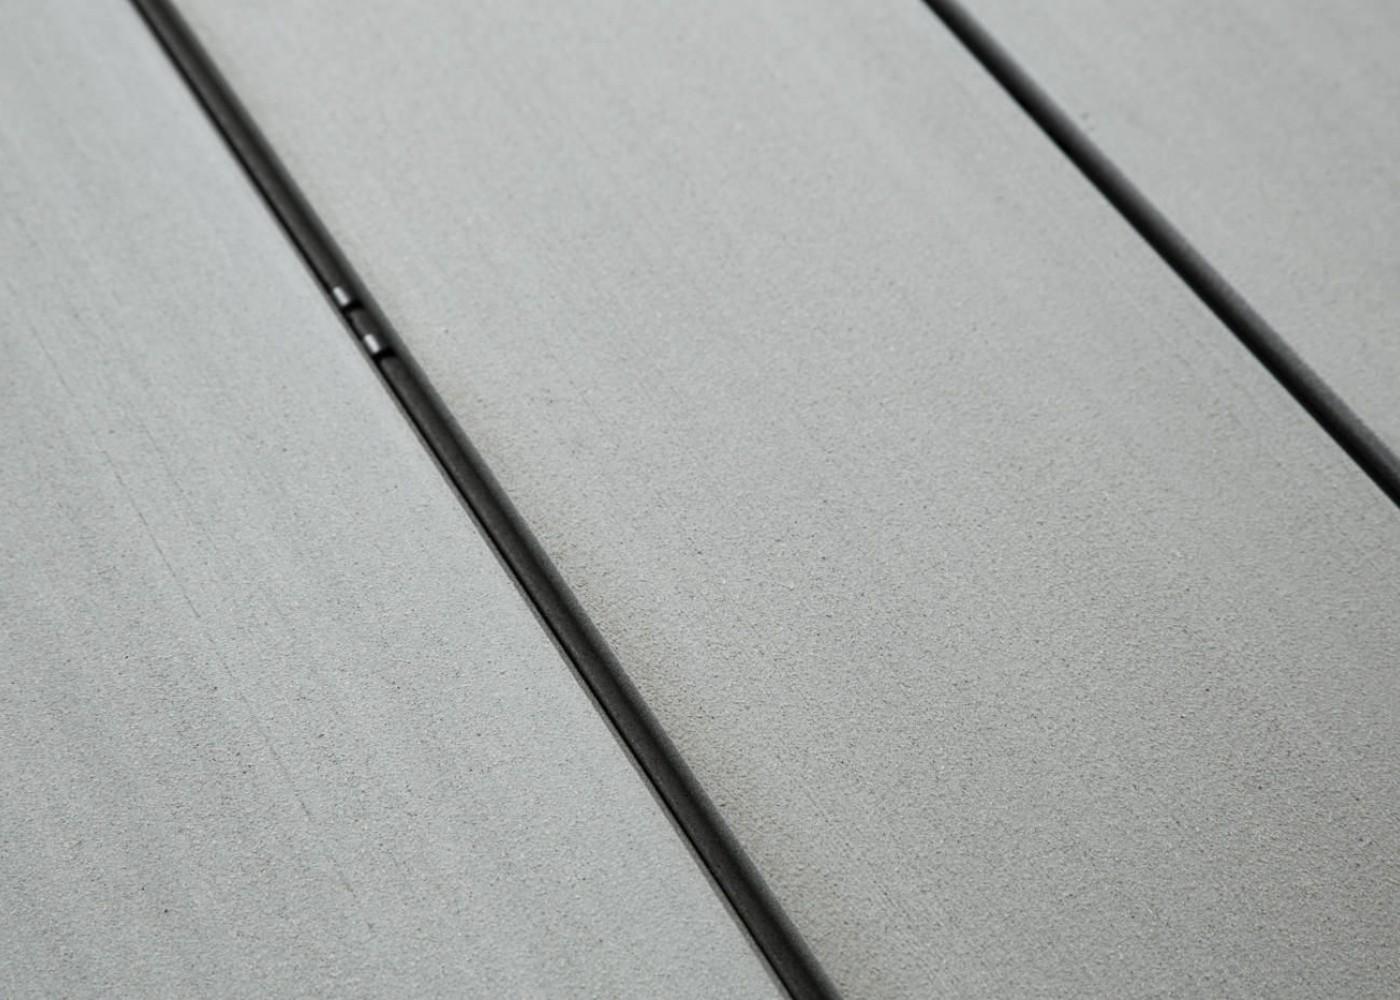 Lame de terrasse en bois composite, teinte gris iroise lisse